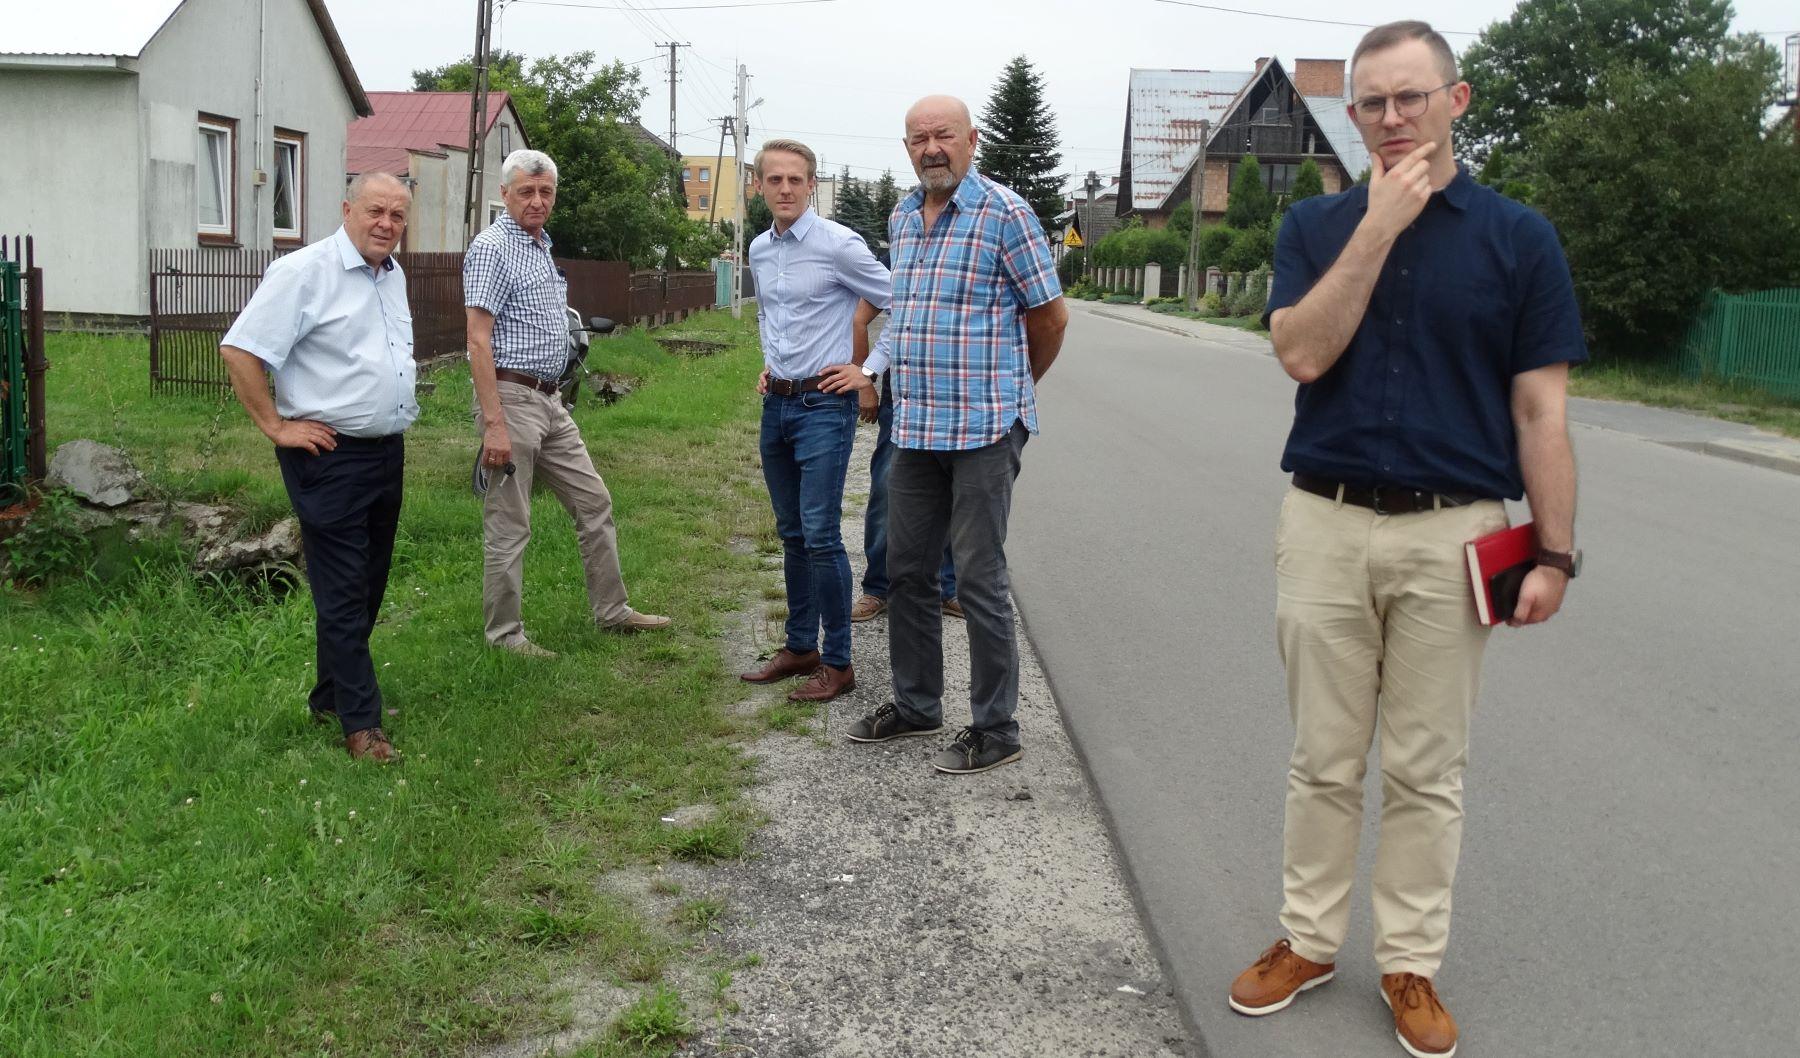 Tuszowskie rowy do pilnego remontu. Po ulewach podtopienia - Zdjęcie główne